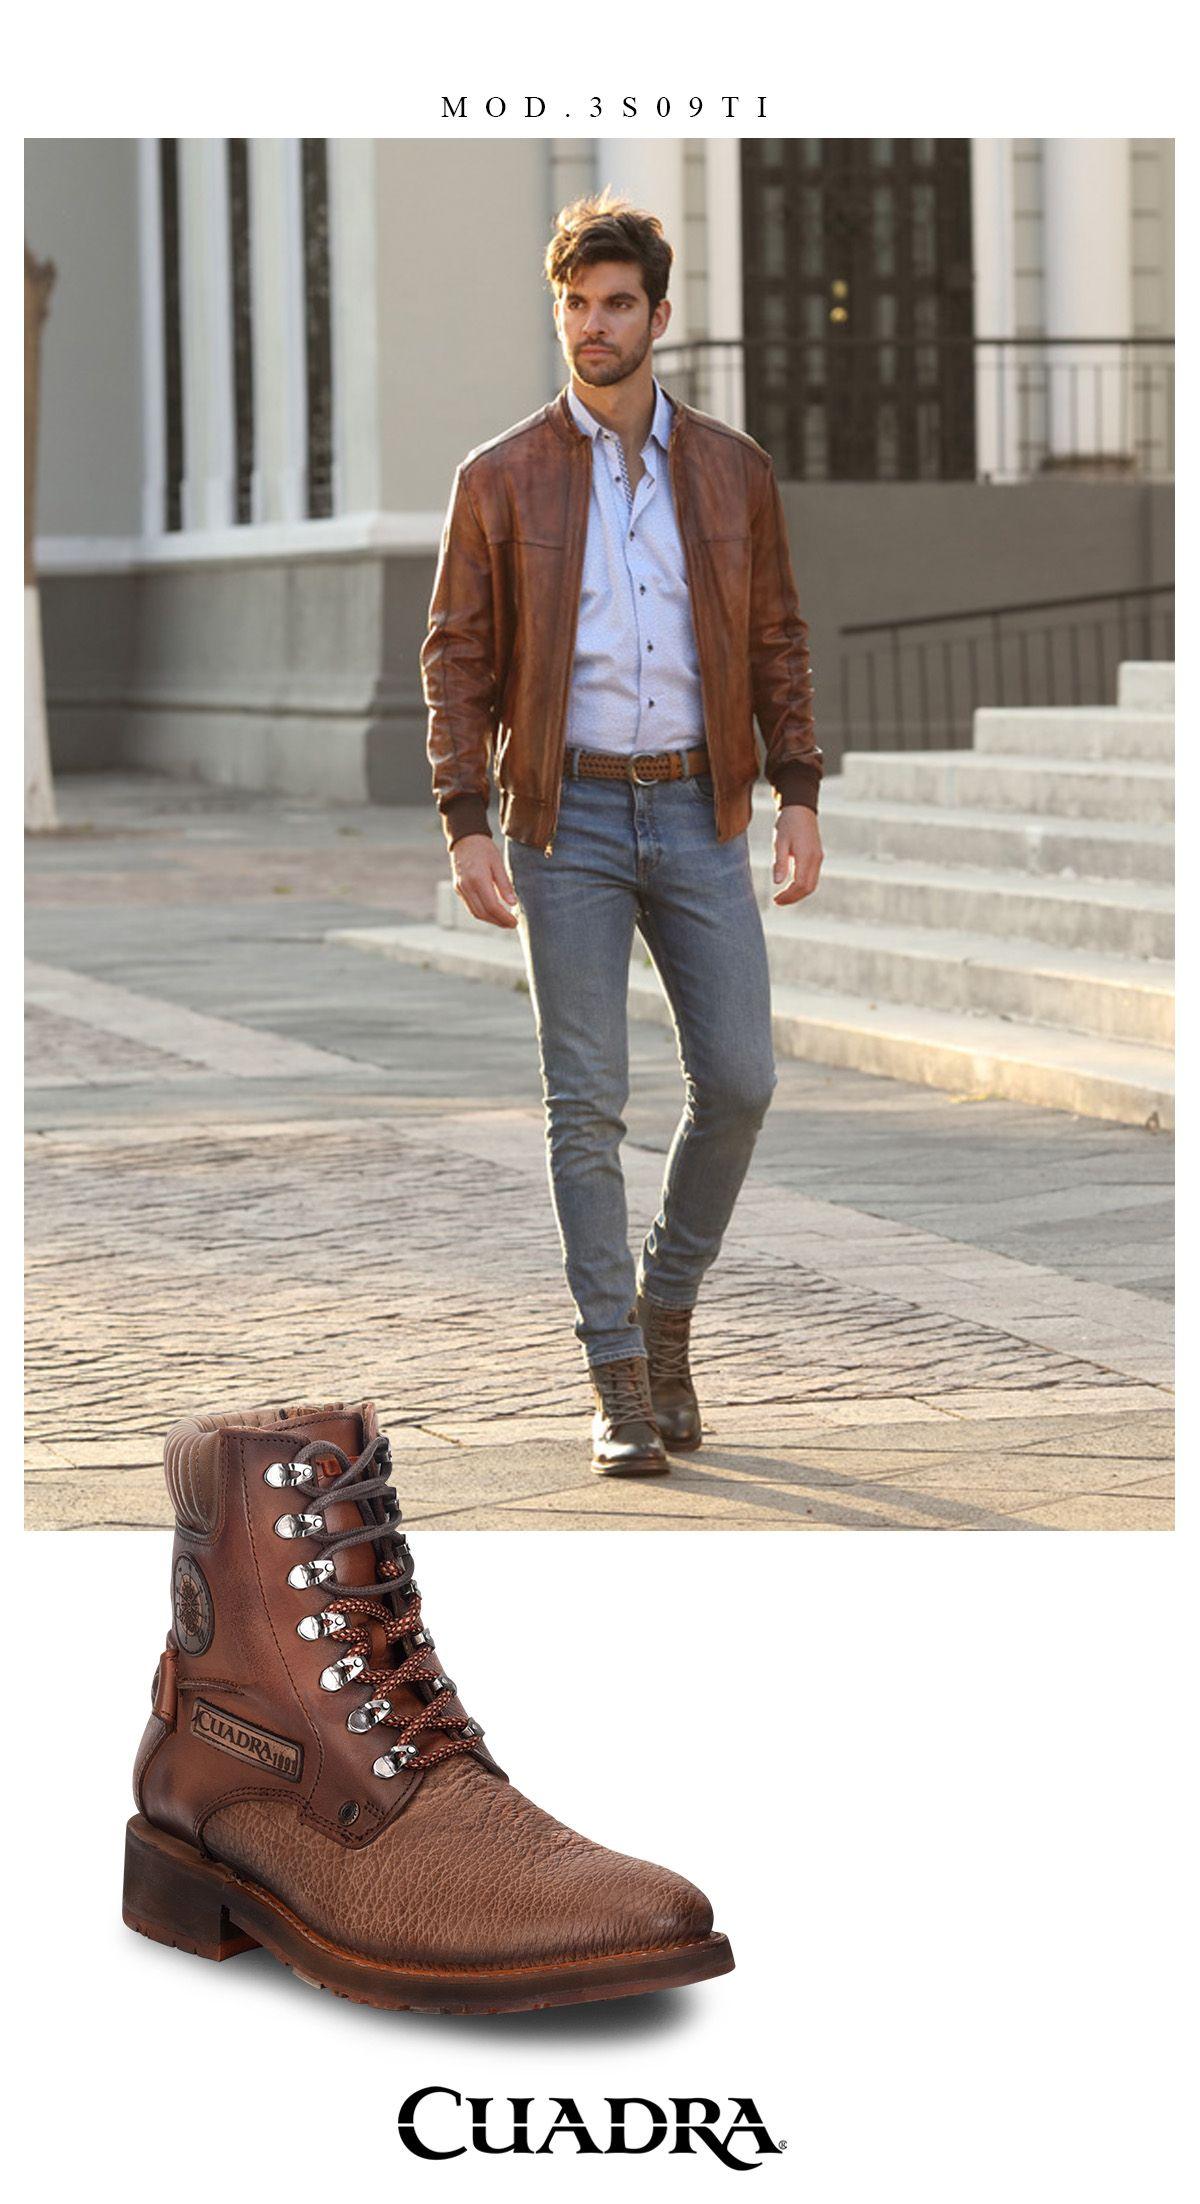 28d7512bd3a La comodidad acompañada de estilo  menstyle  hombre  botas  estilo  fashion   moda  cuadra  shoes  travel  mensfashion